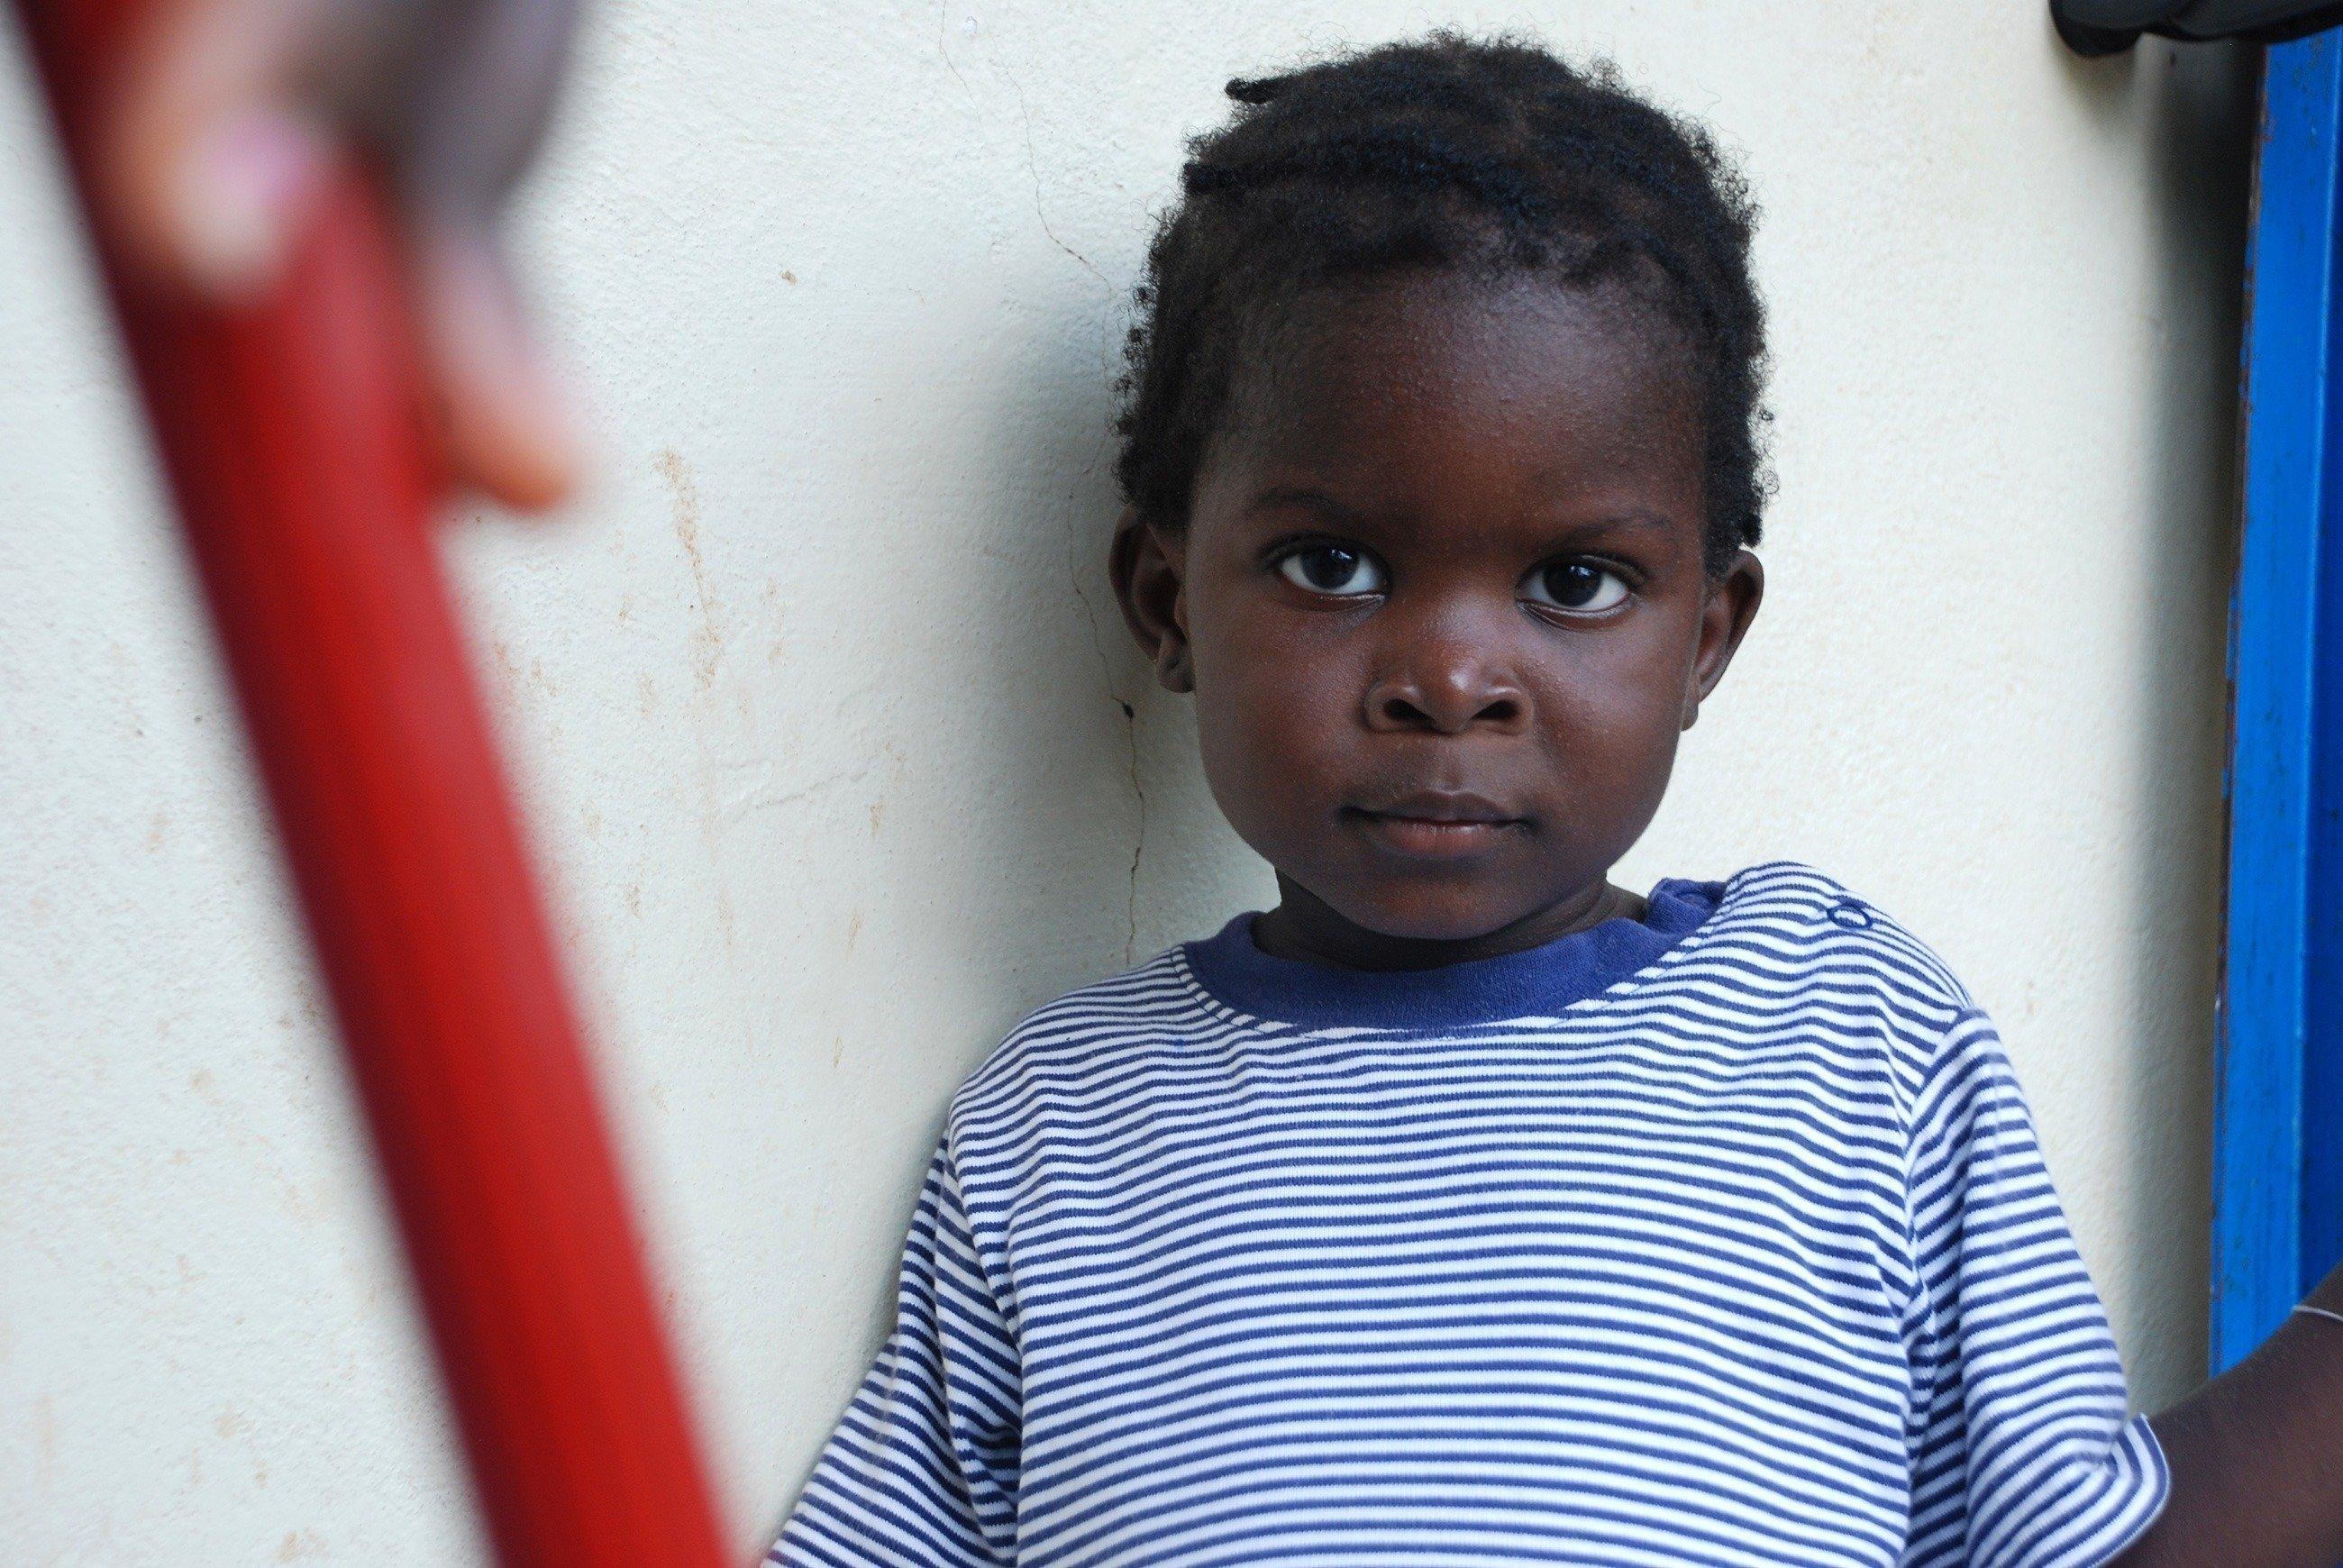 Ein kleiner Junge steht vor einer weißen Wand.